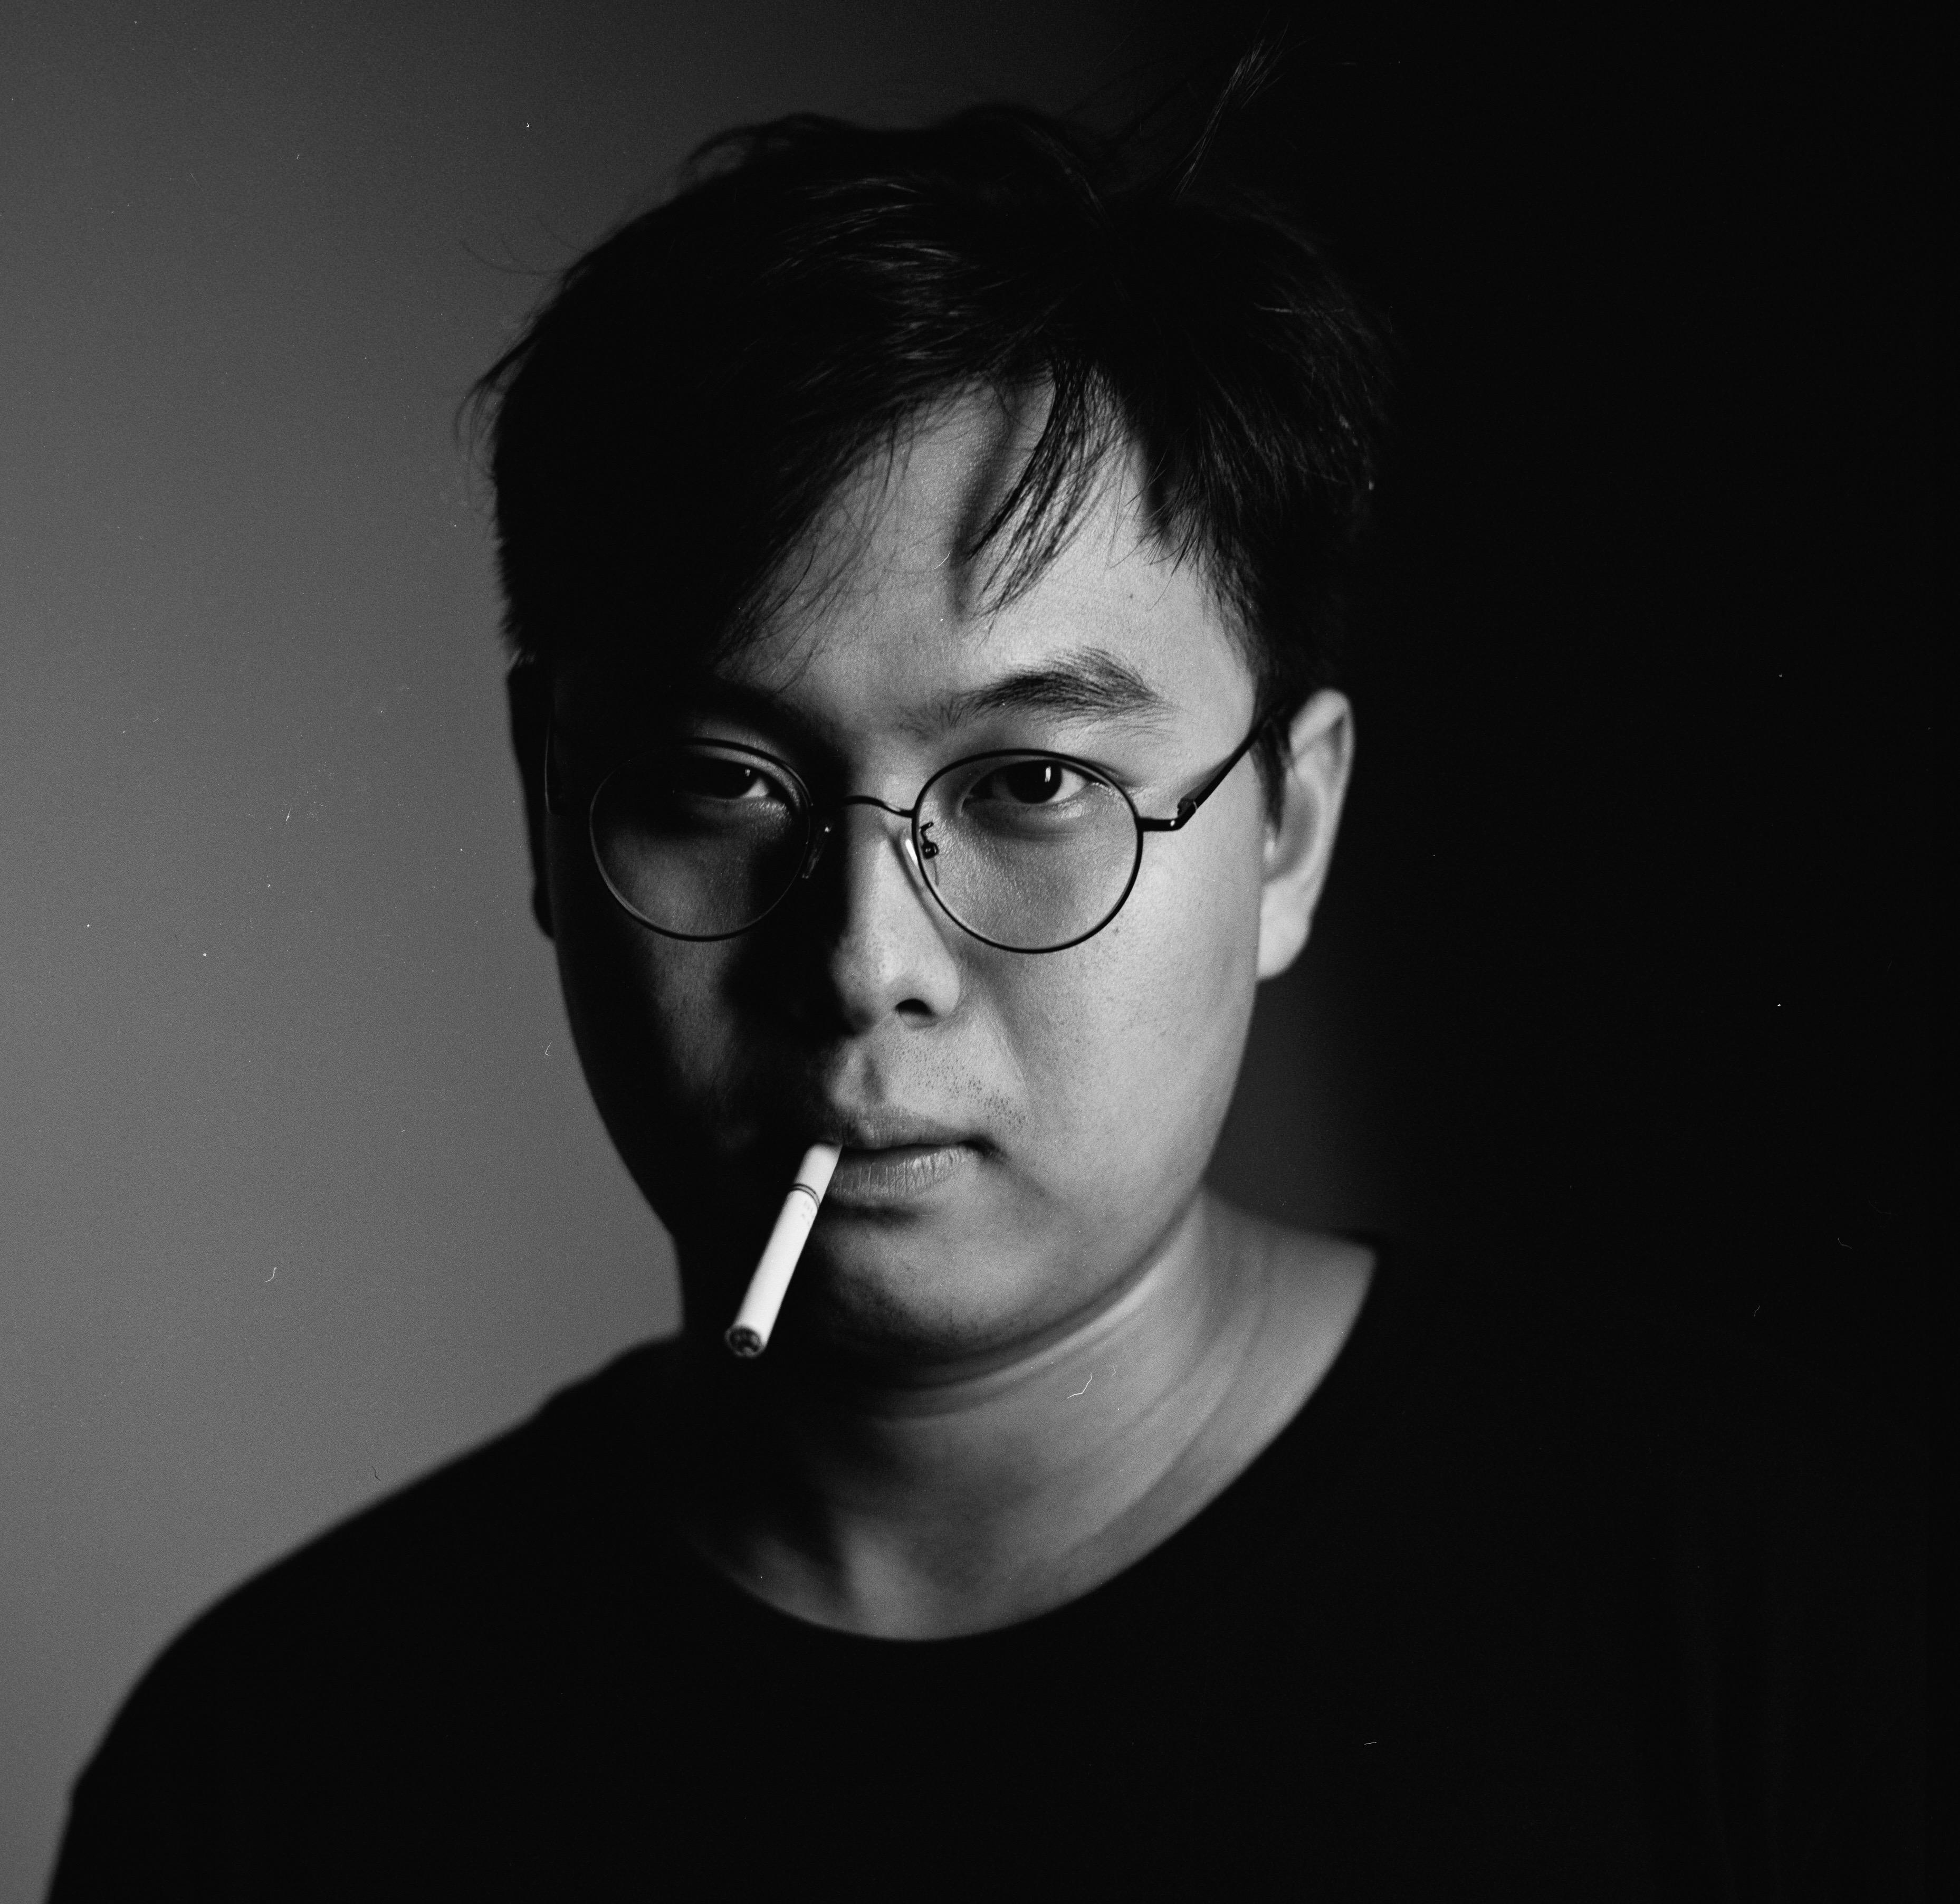 Hongjian Wen